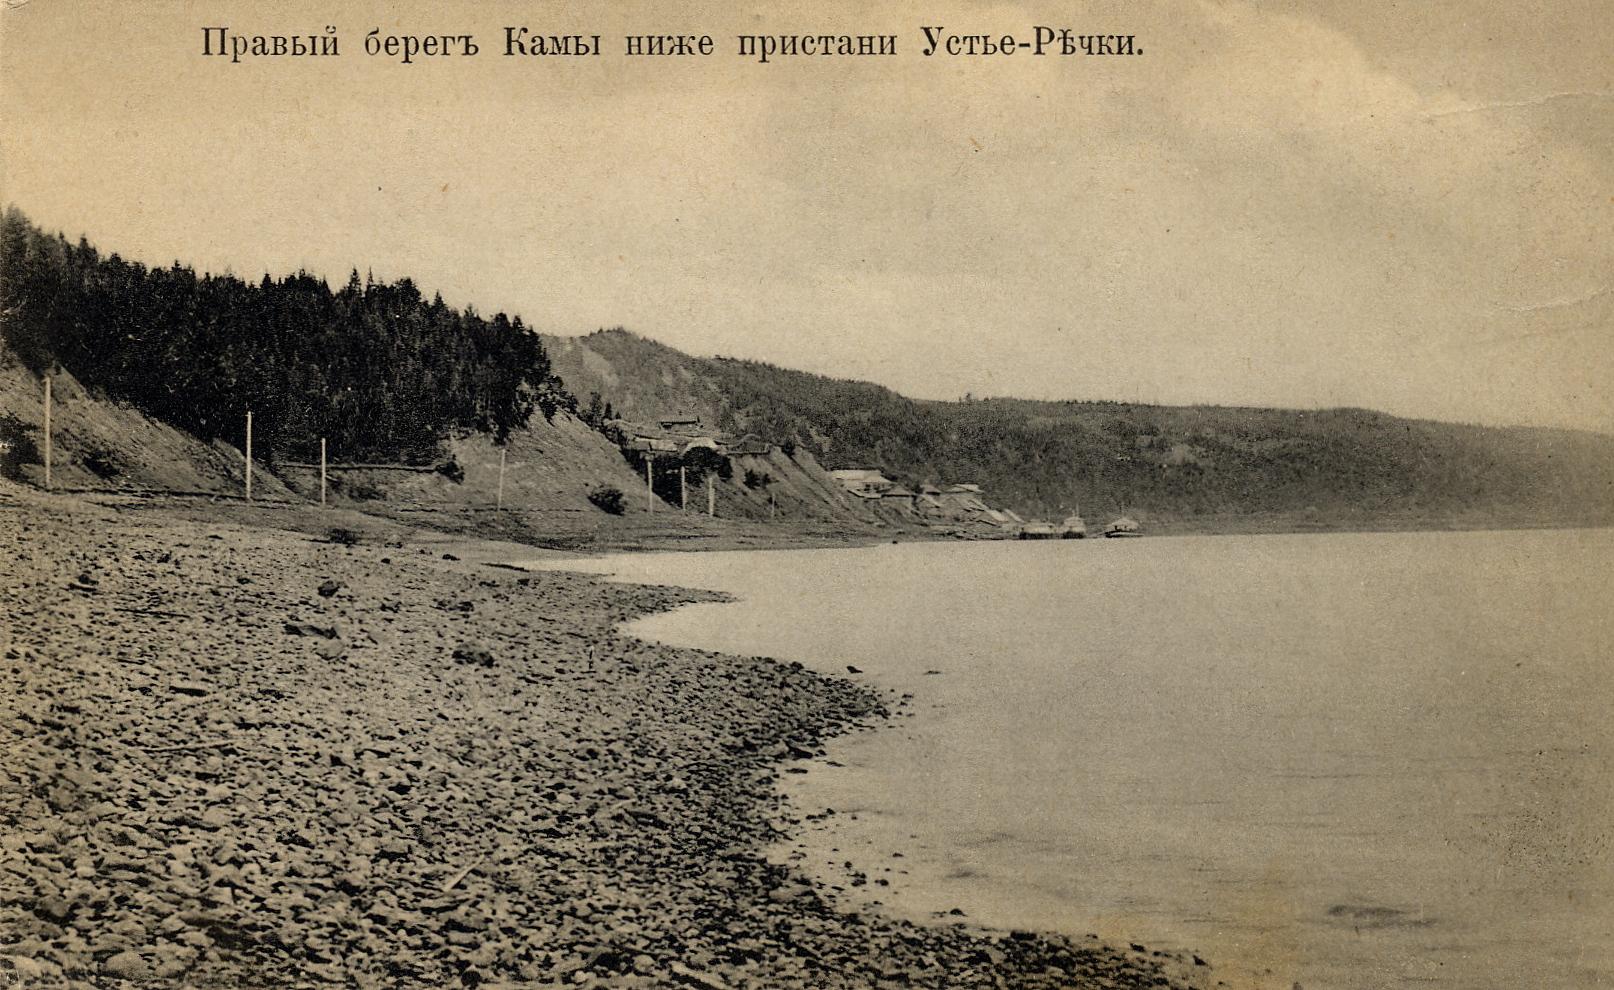 Окрестности Воткинского завода. Правый берег Камы ниже пристани Усть-Речки